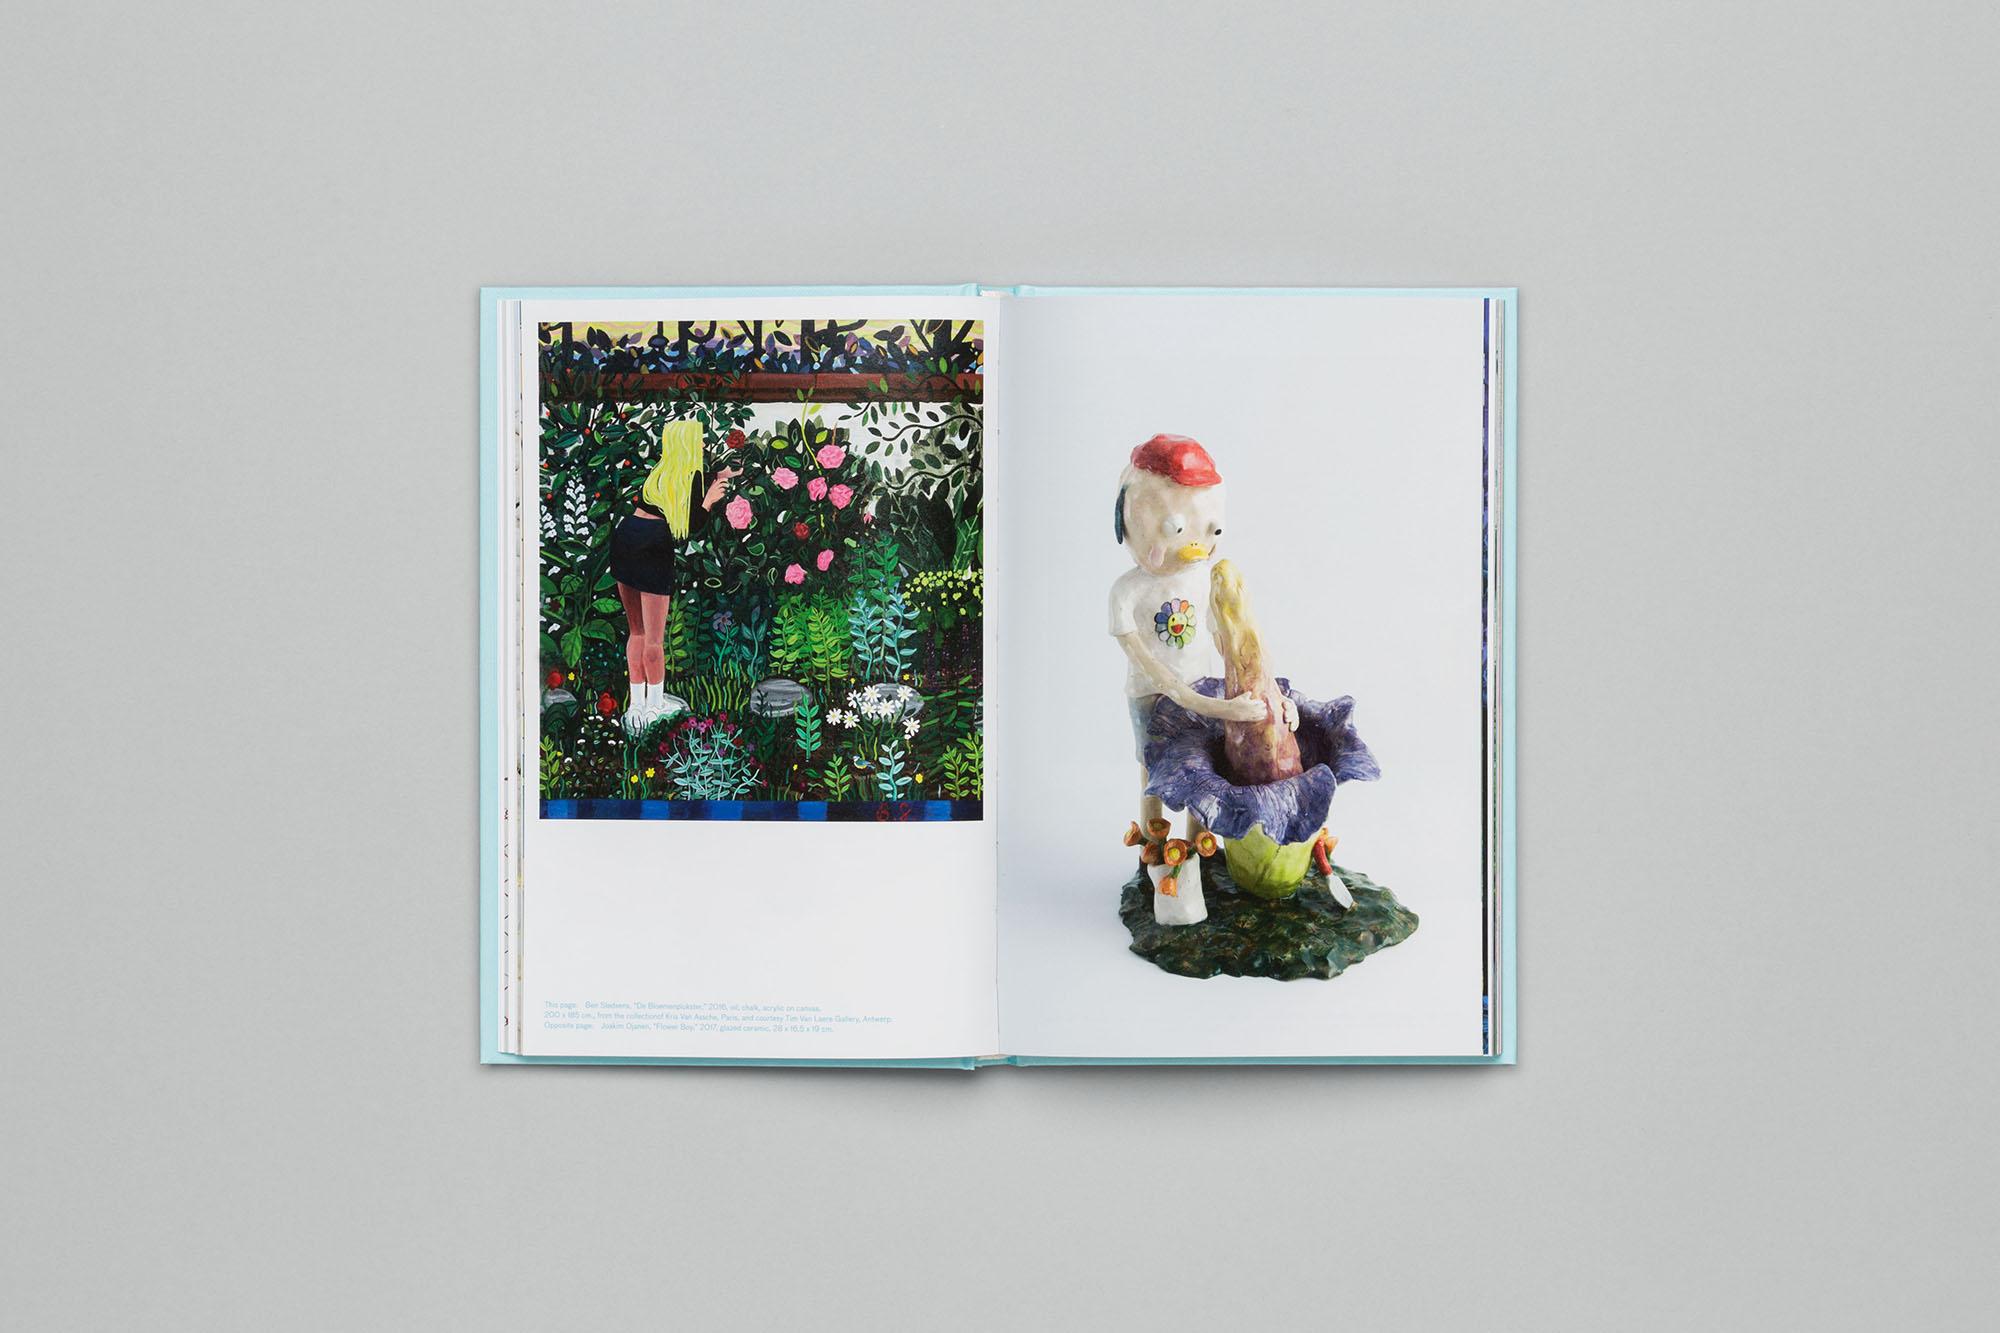 iGNANT-Design-Strange-Plants-iii-Spread-10